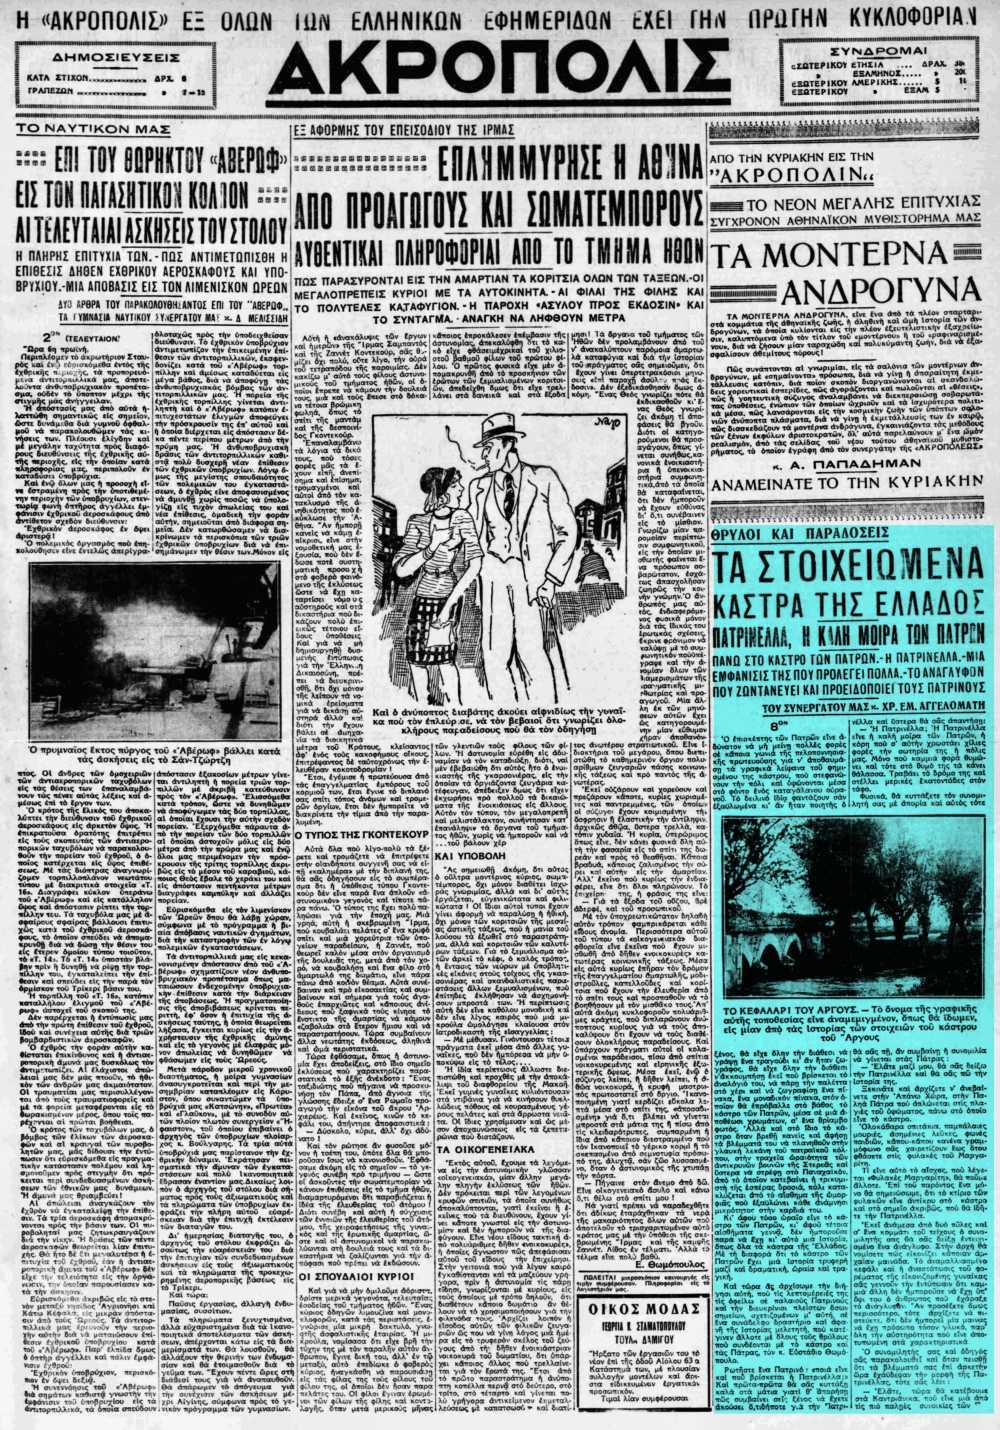 """Το άρθρο, όπως δημοσιεύθηκε στην εφημερίδα """"ΑΚΡΟΠΟΛΙΣ"""", στις 06/10/1932"""